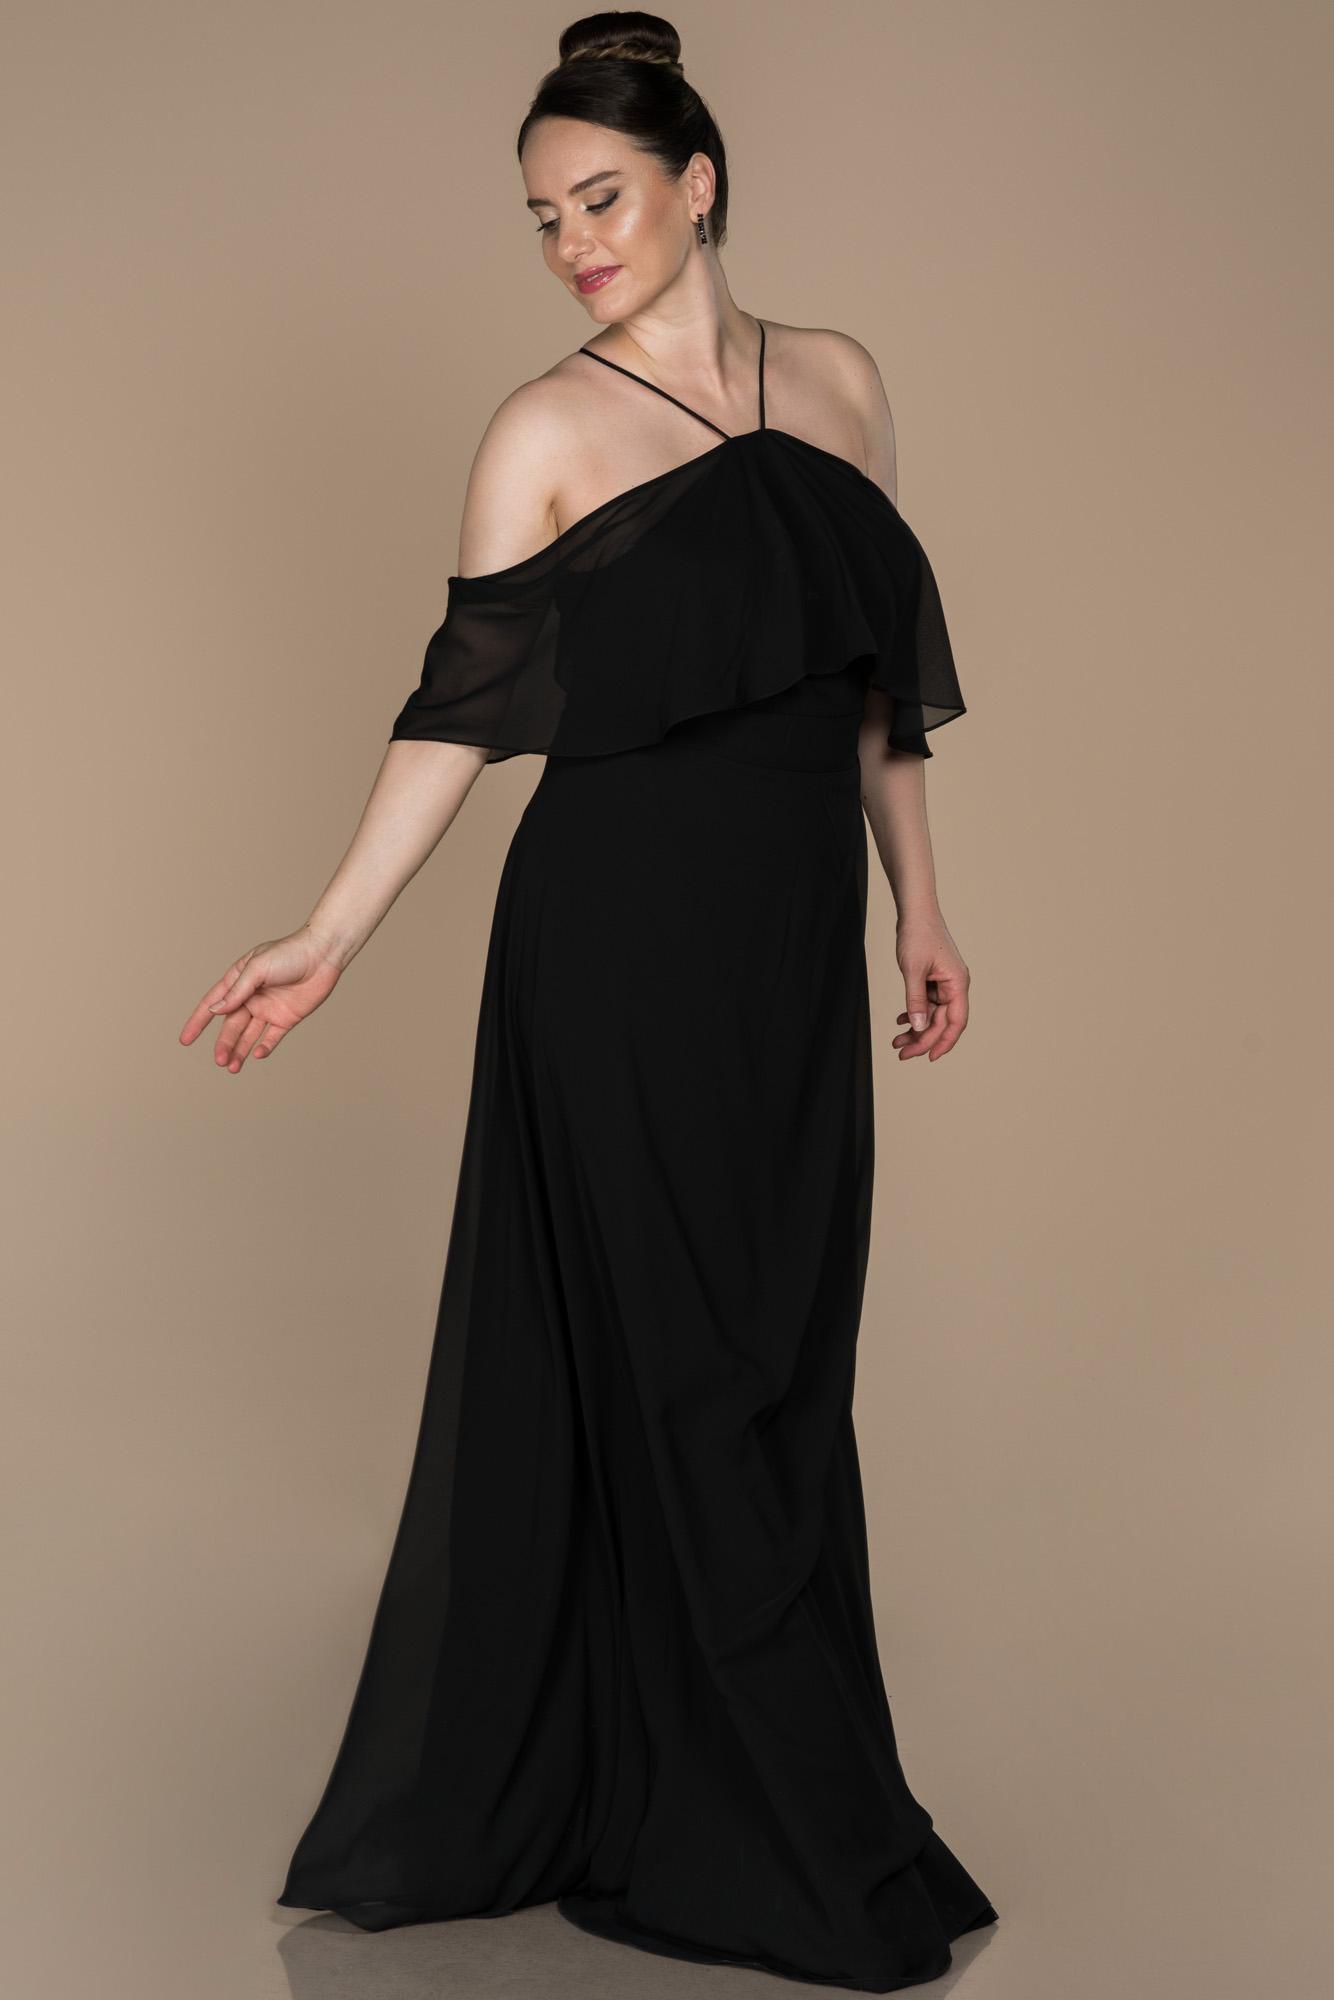 Siyah Şifon Büyük Beden Abiye Elbise